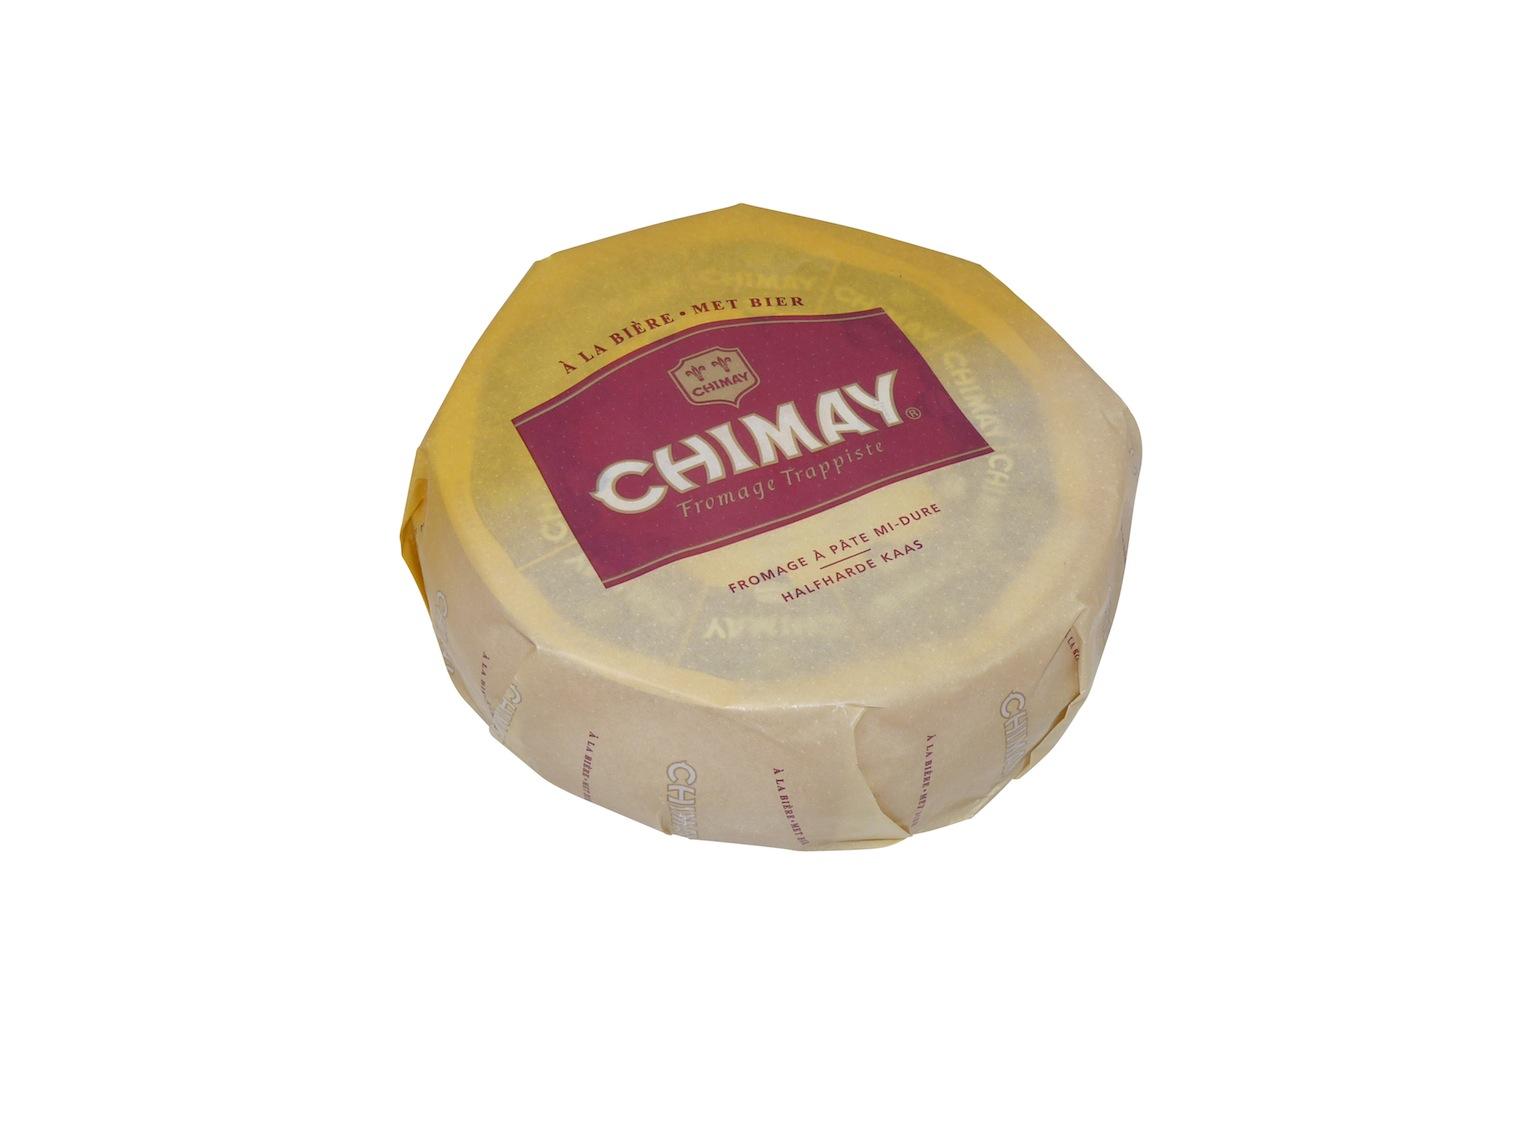 Chimay Bierre